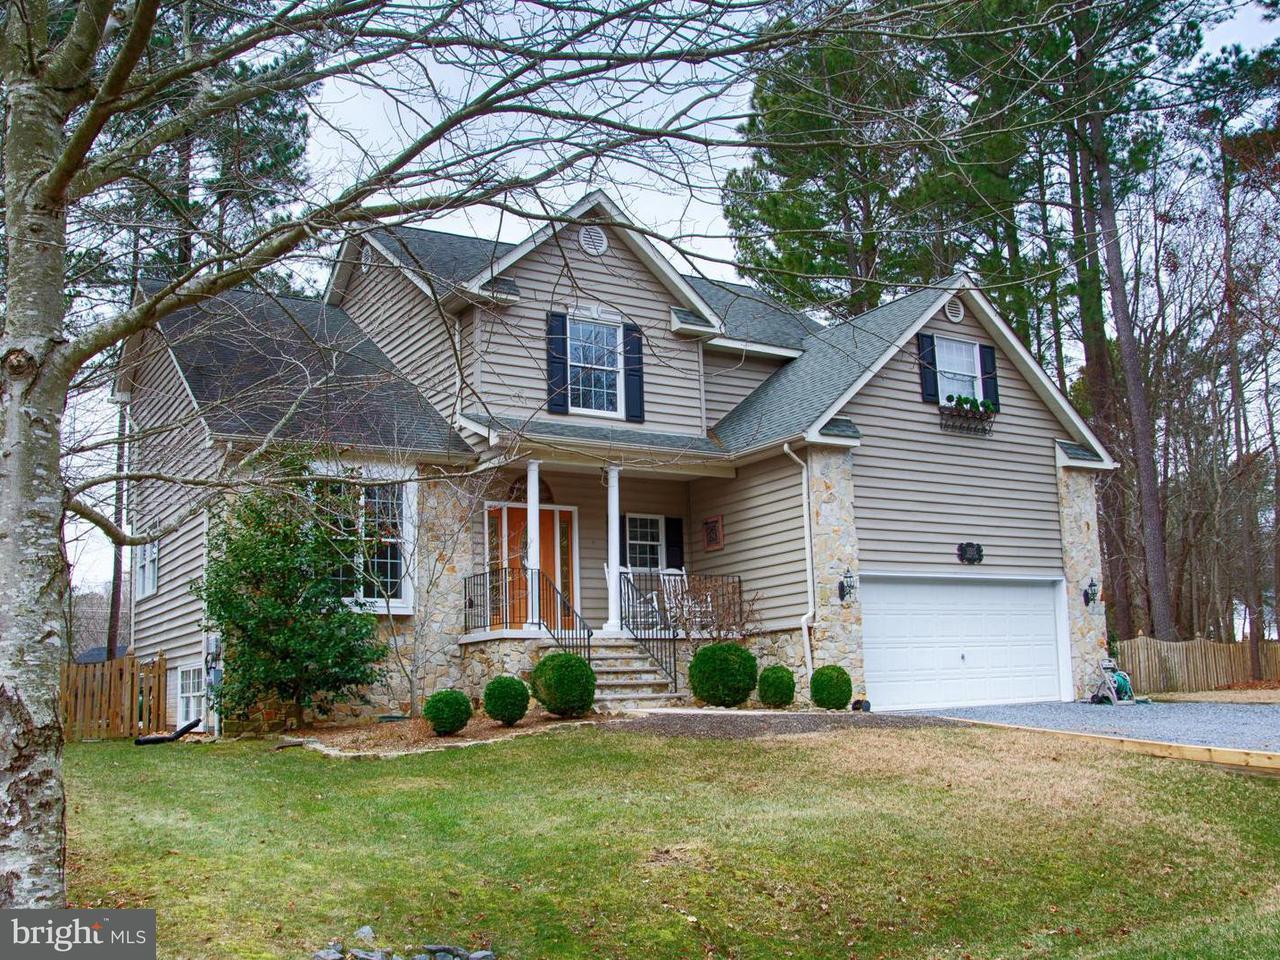 단독 가정 주택 용 매매 에 13513 Osprey Lane 13513 Osprey Lane Dowell, 메릴랜드 20629 미국